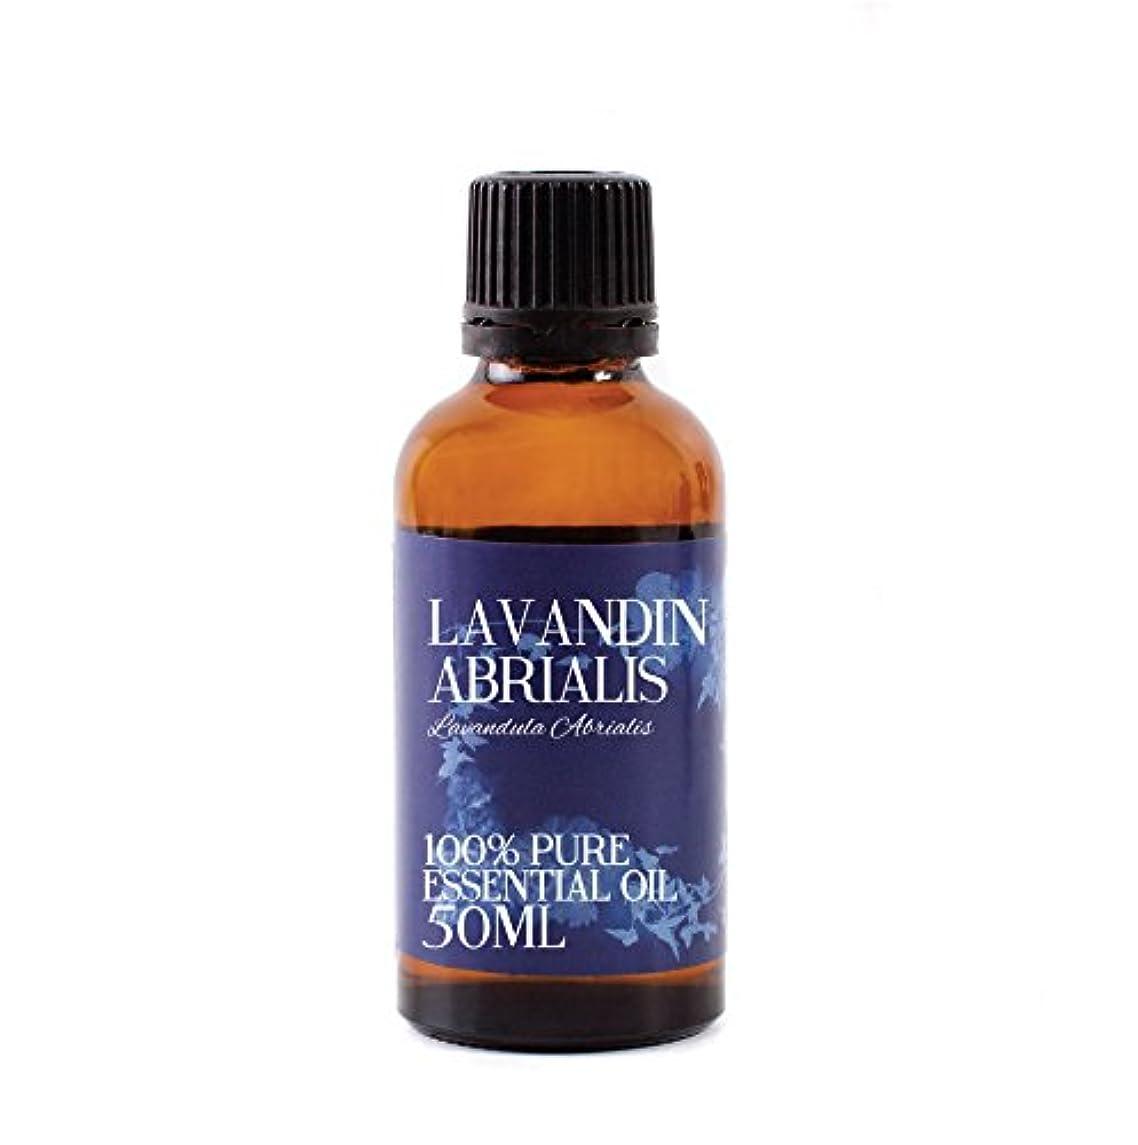 政治的フラッシュのように素早くインフルエンザMystic Moments | Lavandin Abrialis Essential Oil - 50ml - 100% Pure